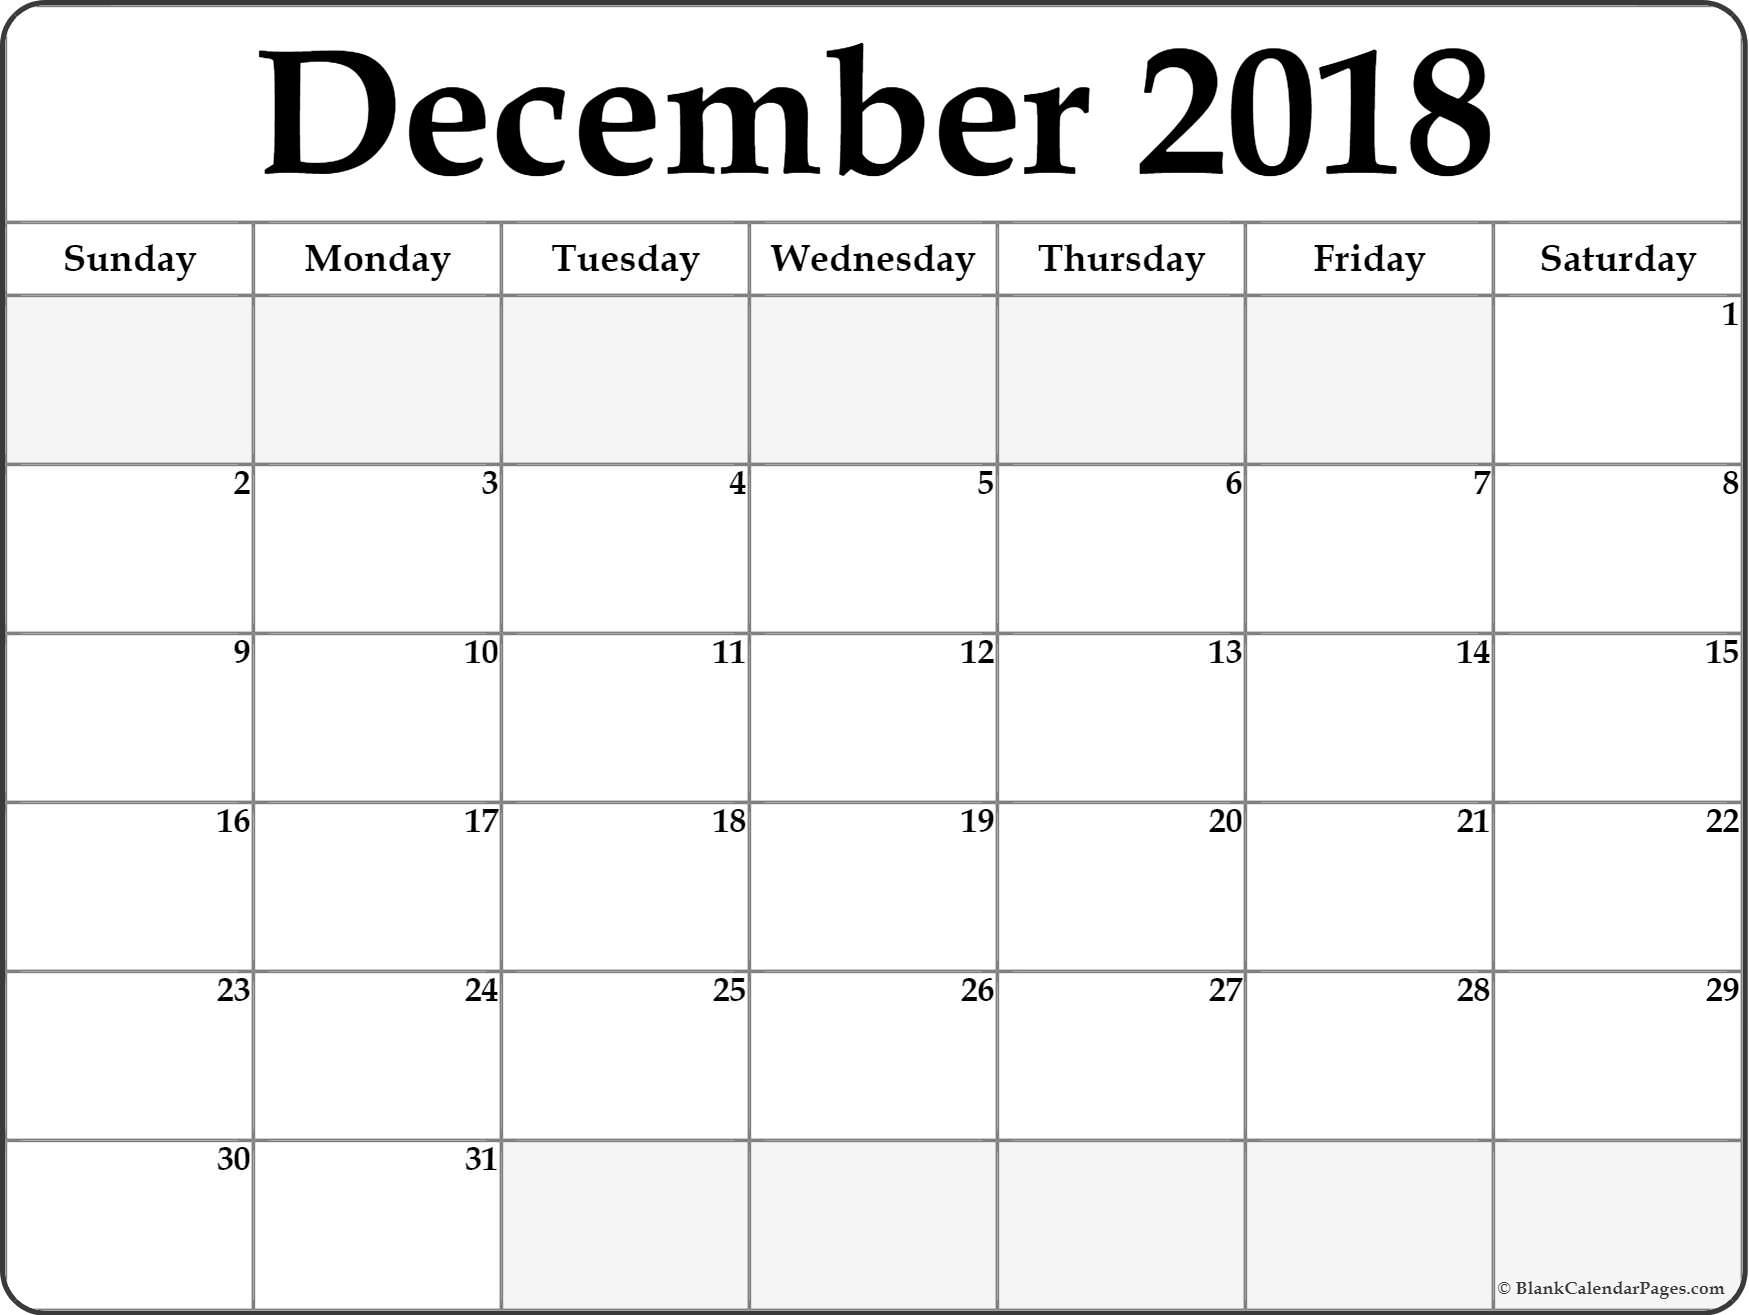 December 2018 Blank Calendar . December 2018 Calendar Printable for Blank Calendars December Printable